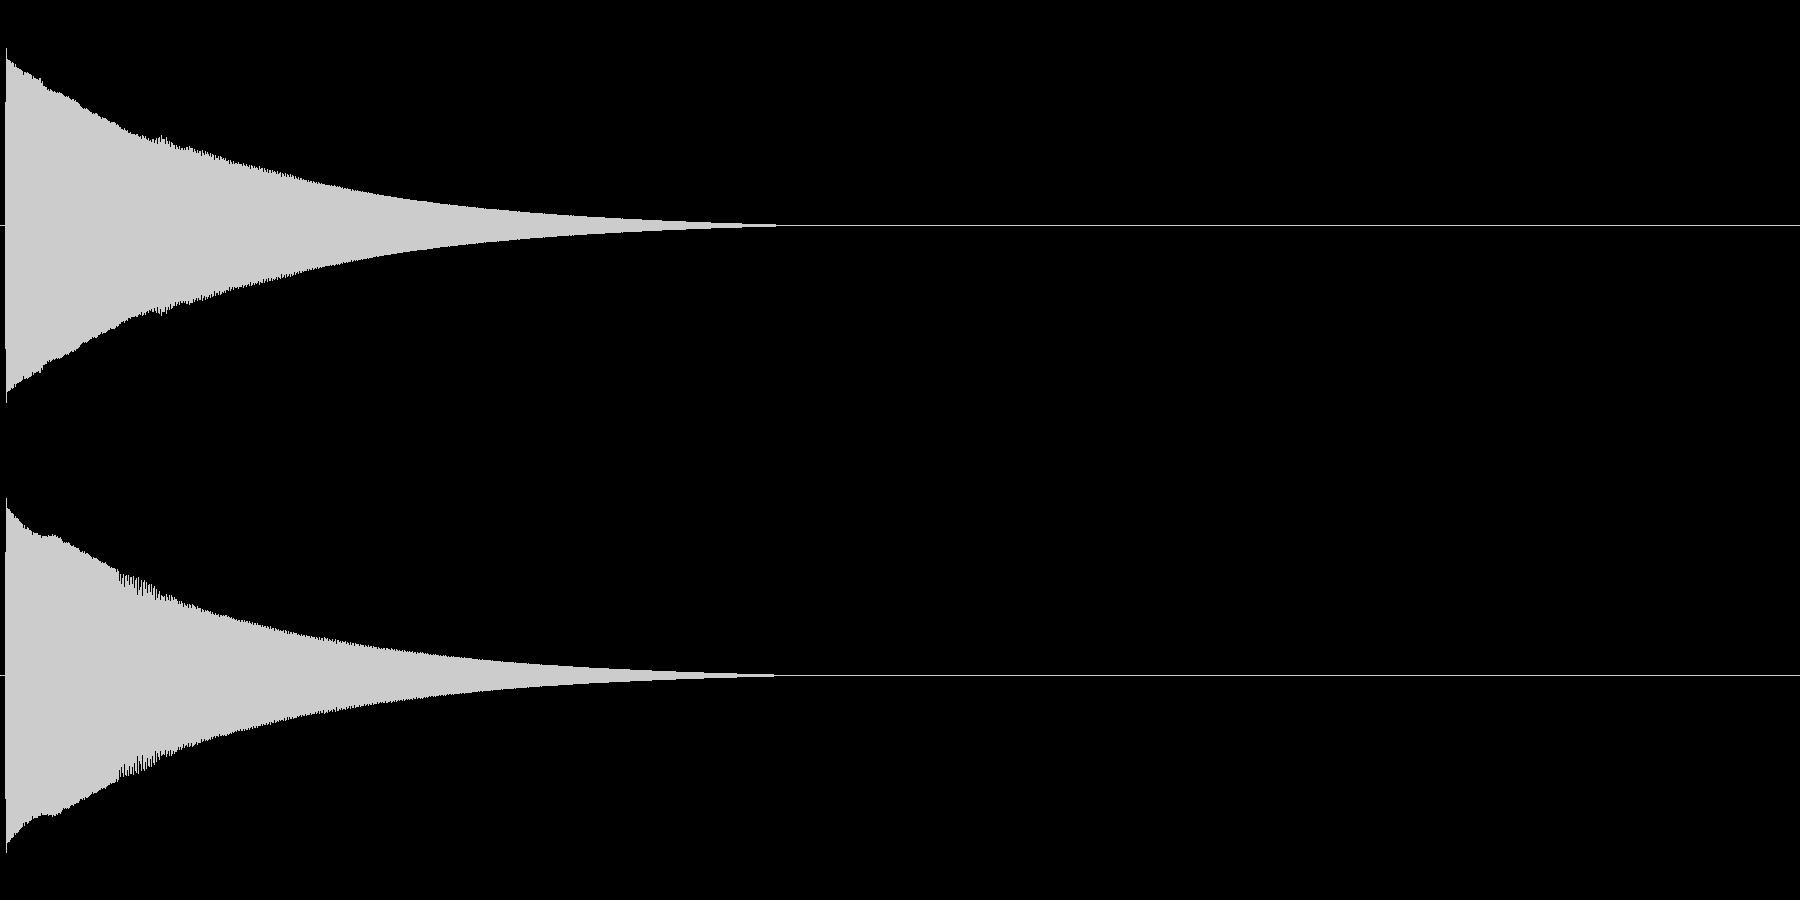 ピコーンといった効果音 高いファの未再生の波形